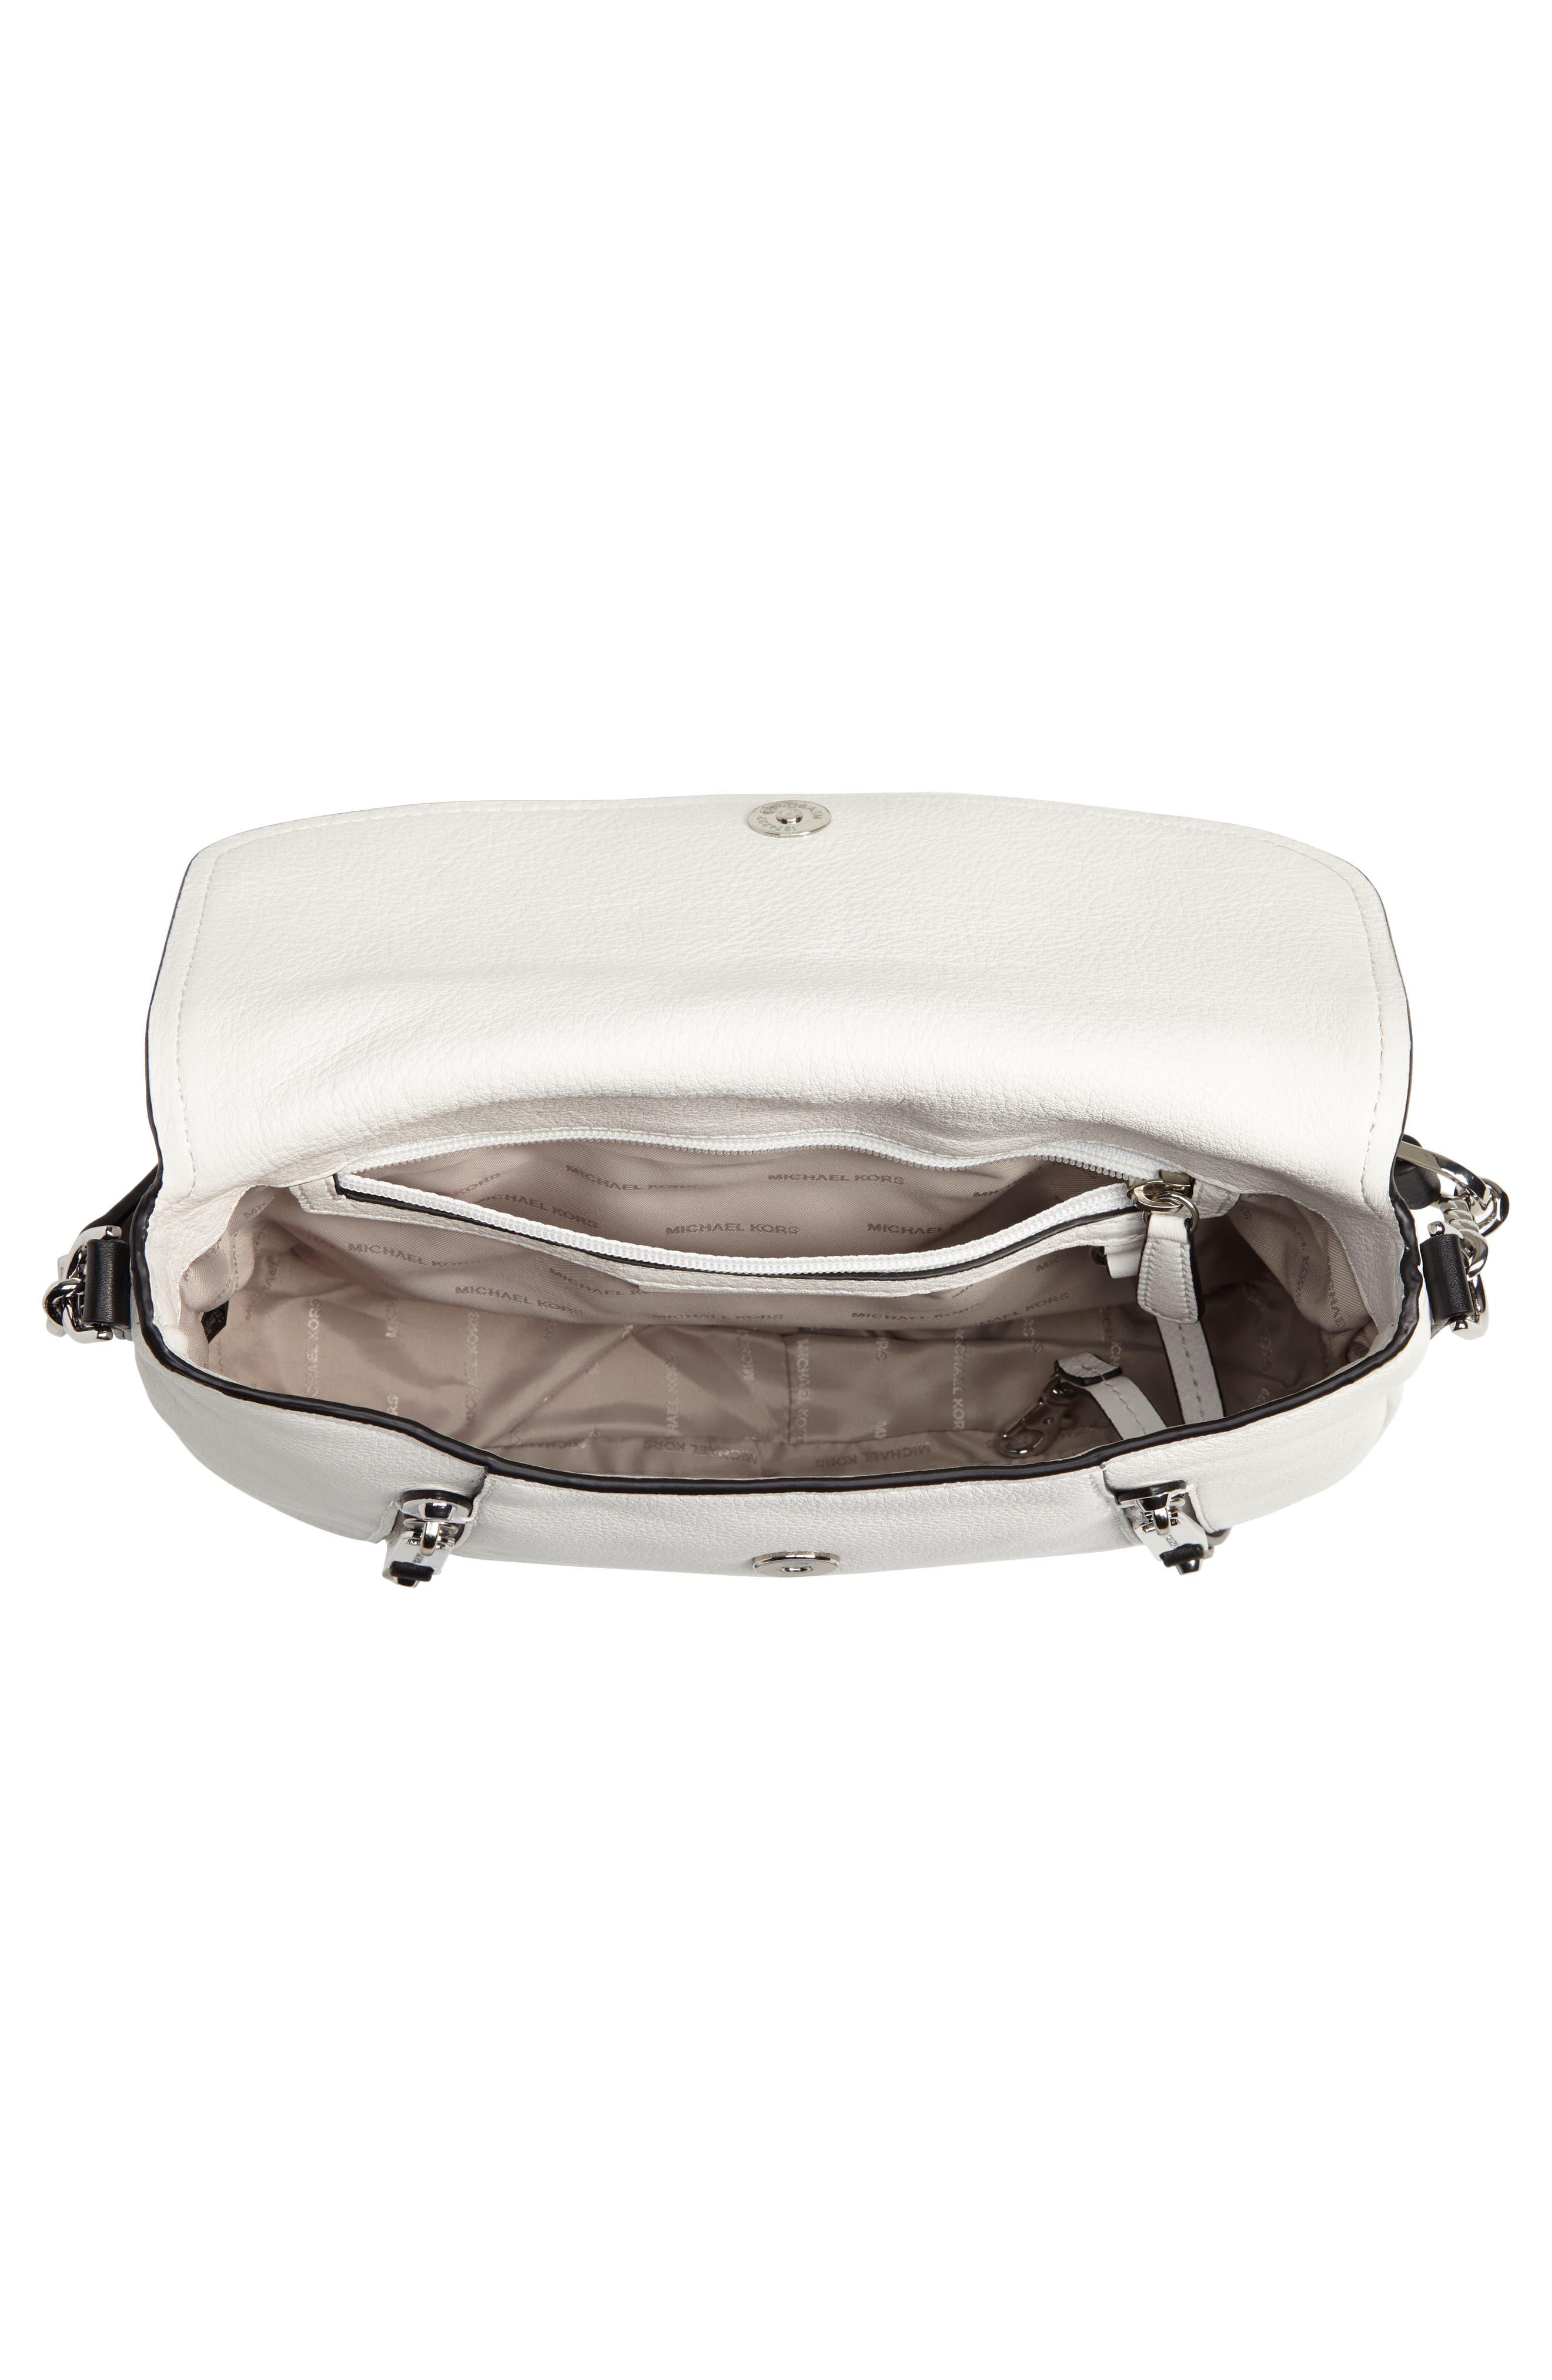 Medium Leather Shoulder Bag,                             Alternate thumbnail 8, color,